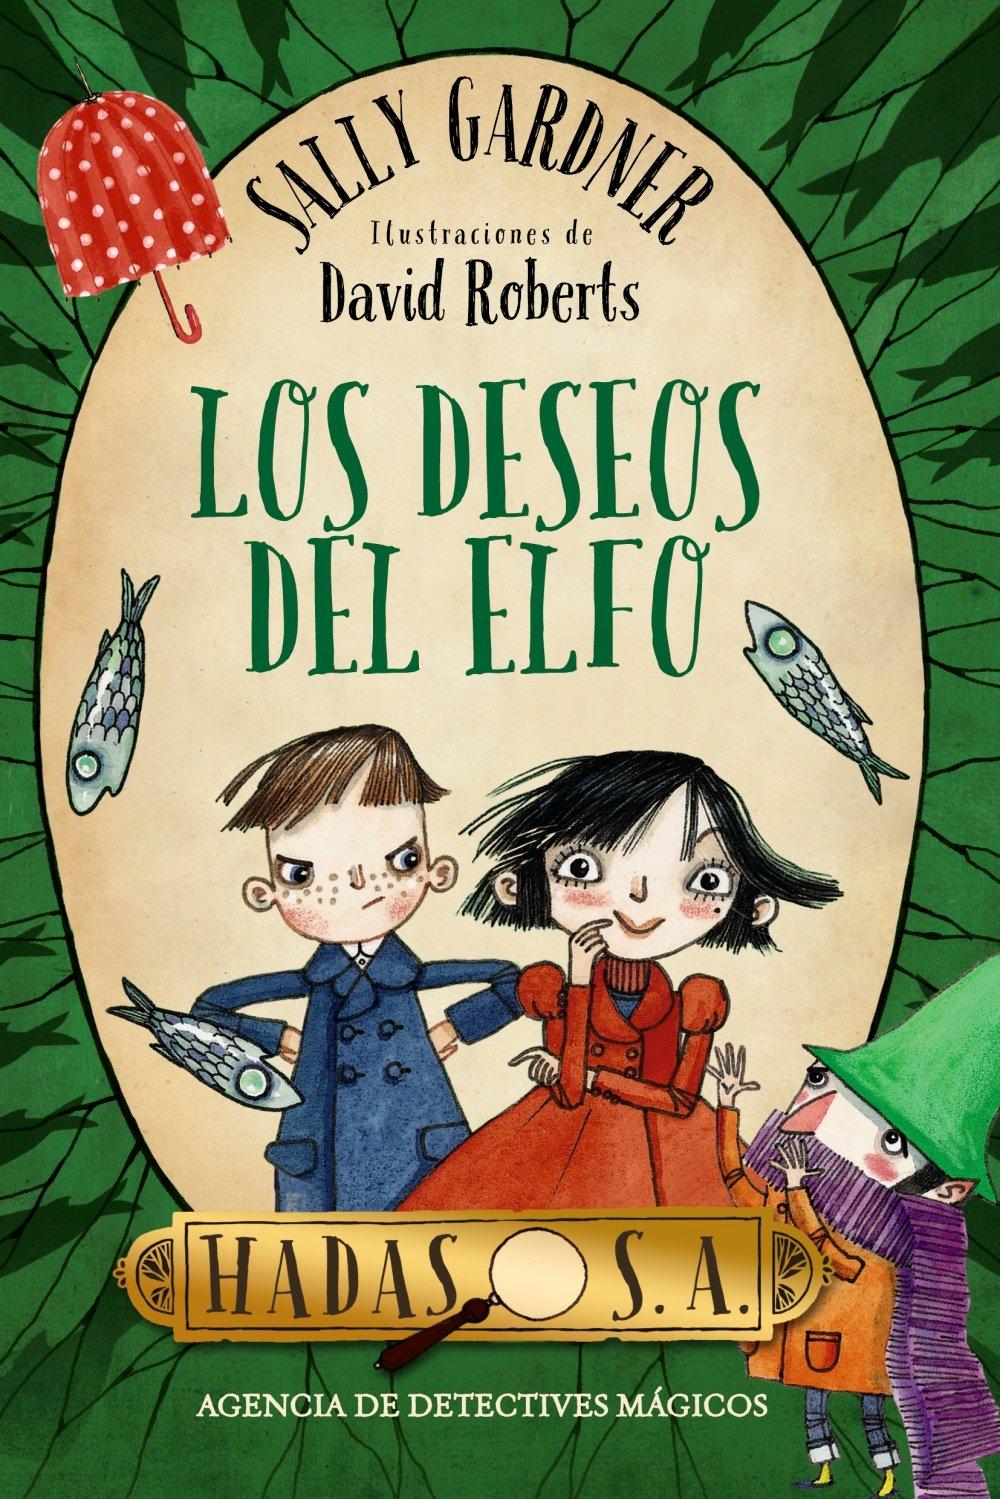 Hadas S. A. Agencia de detectives mágicos. Los deseos del elfo (Literatura Infantil (6-11 Años) - Hadas S.A.)